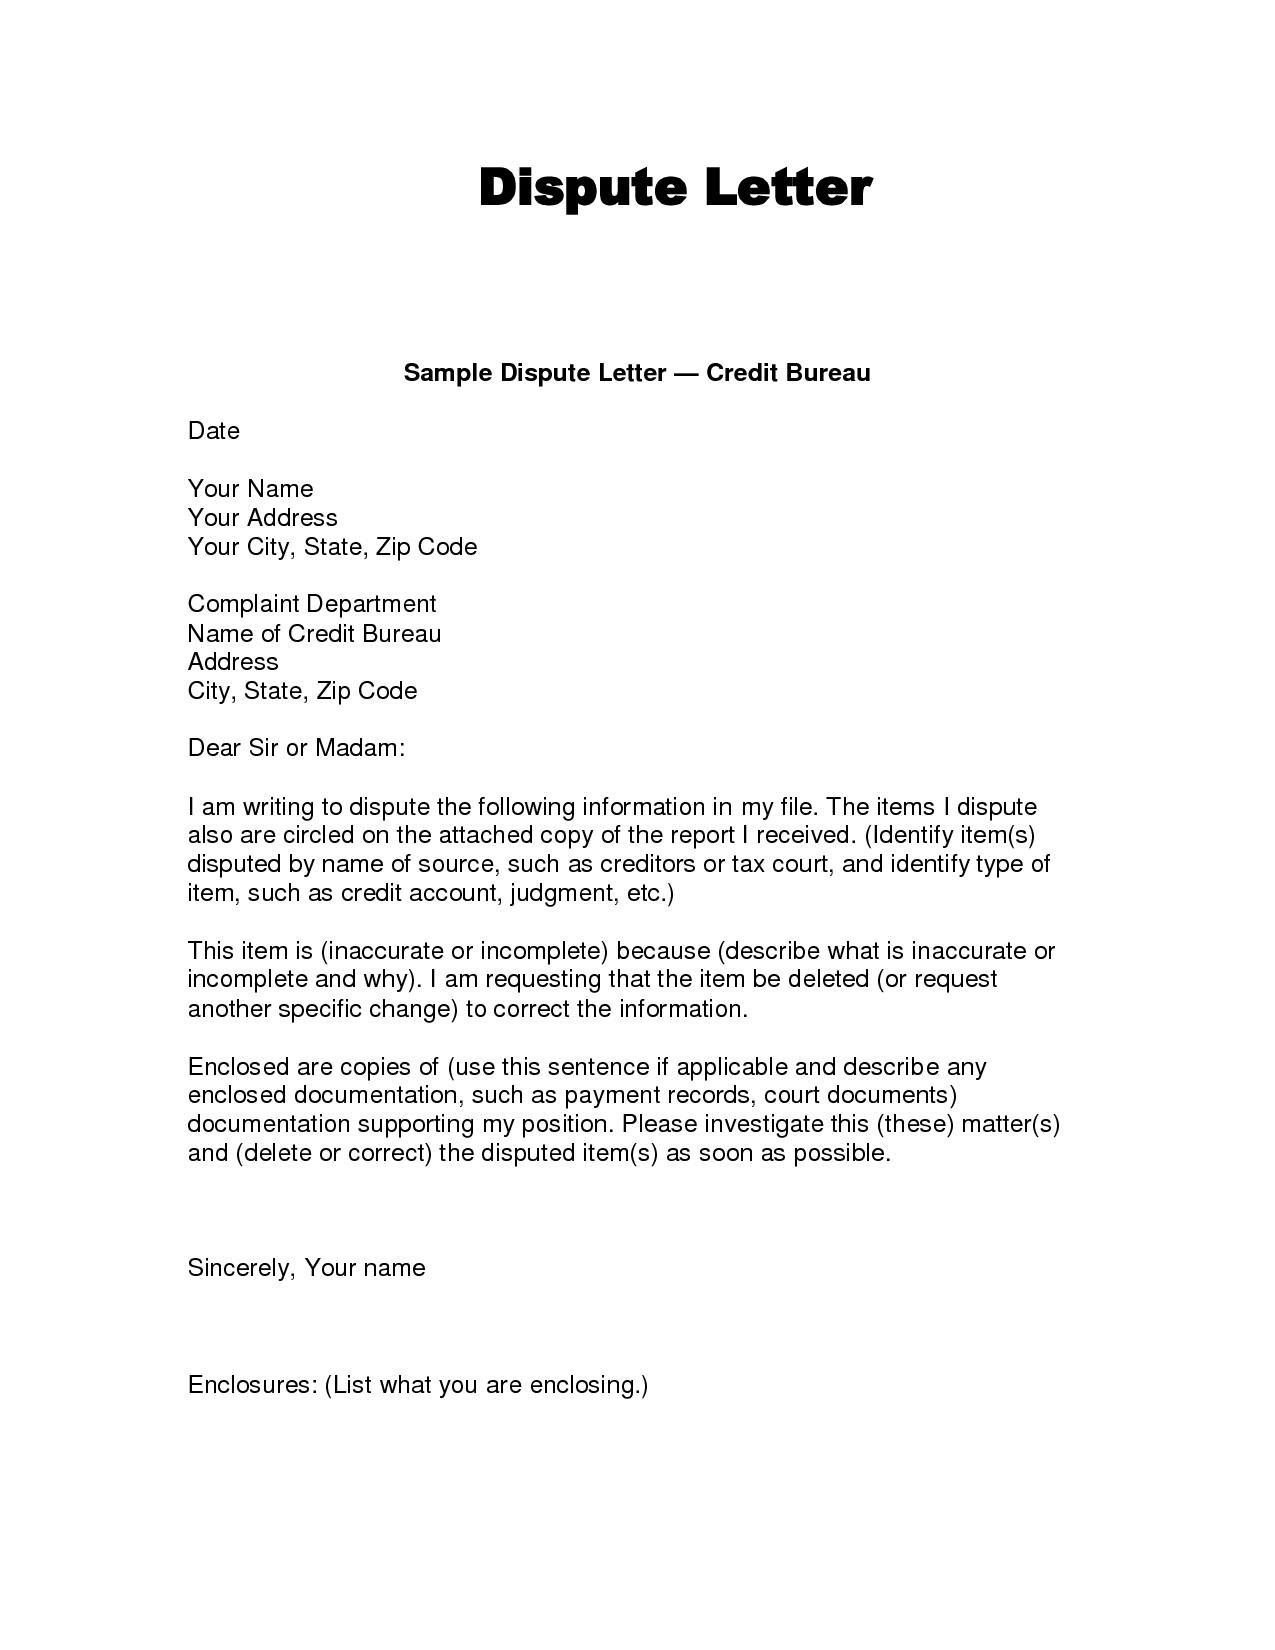 Credit Bureau Dispute Letter Template